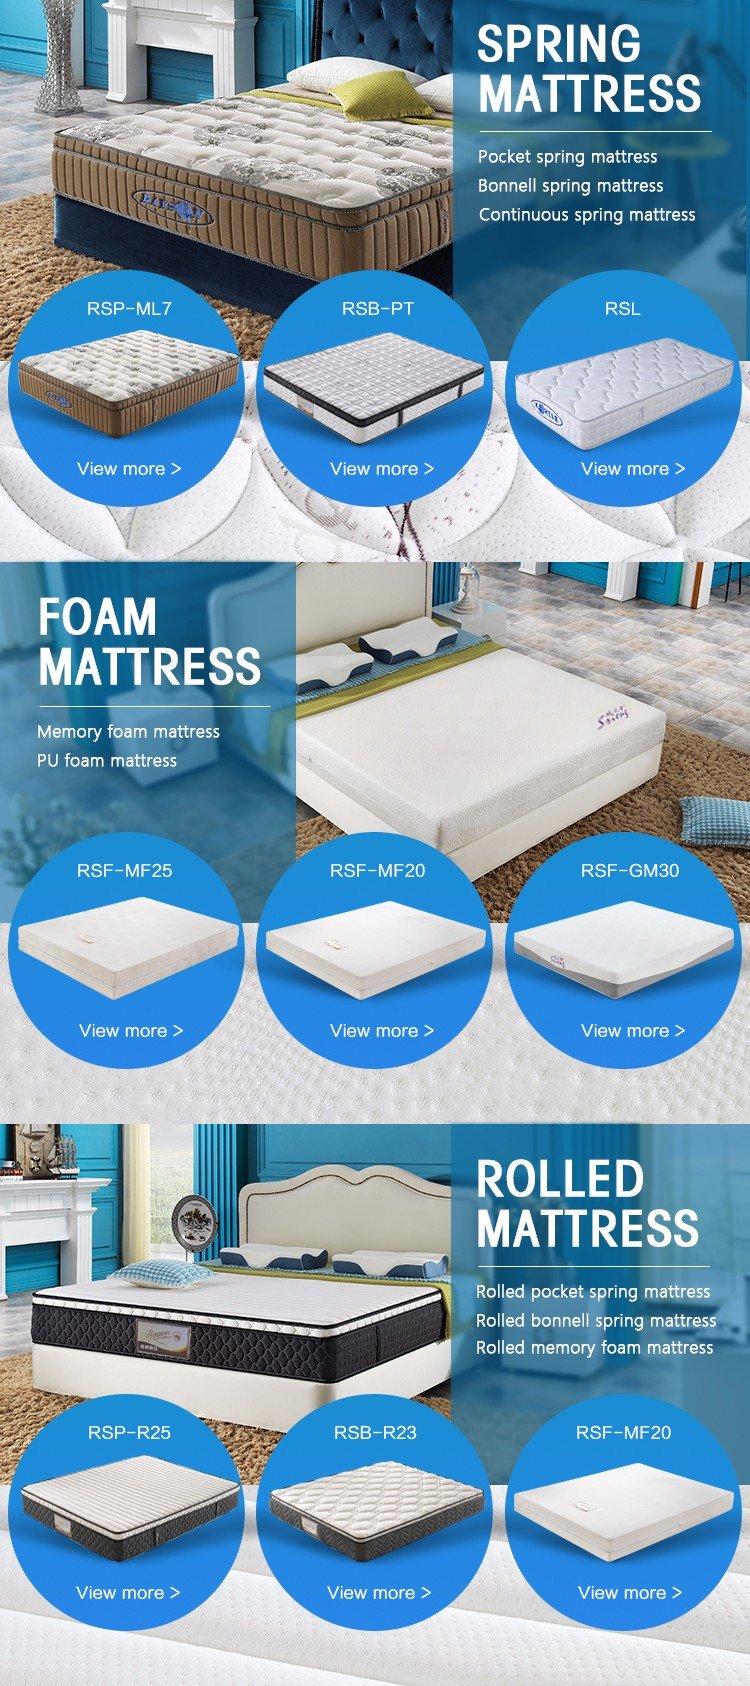 New innerspring and memory foam mattress mattress Suppliers-10